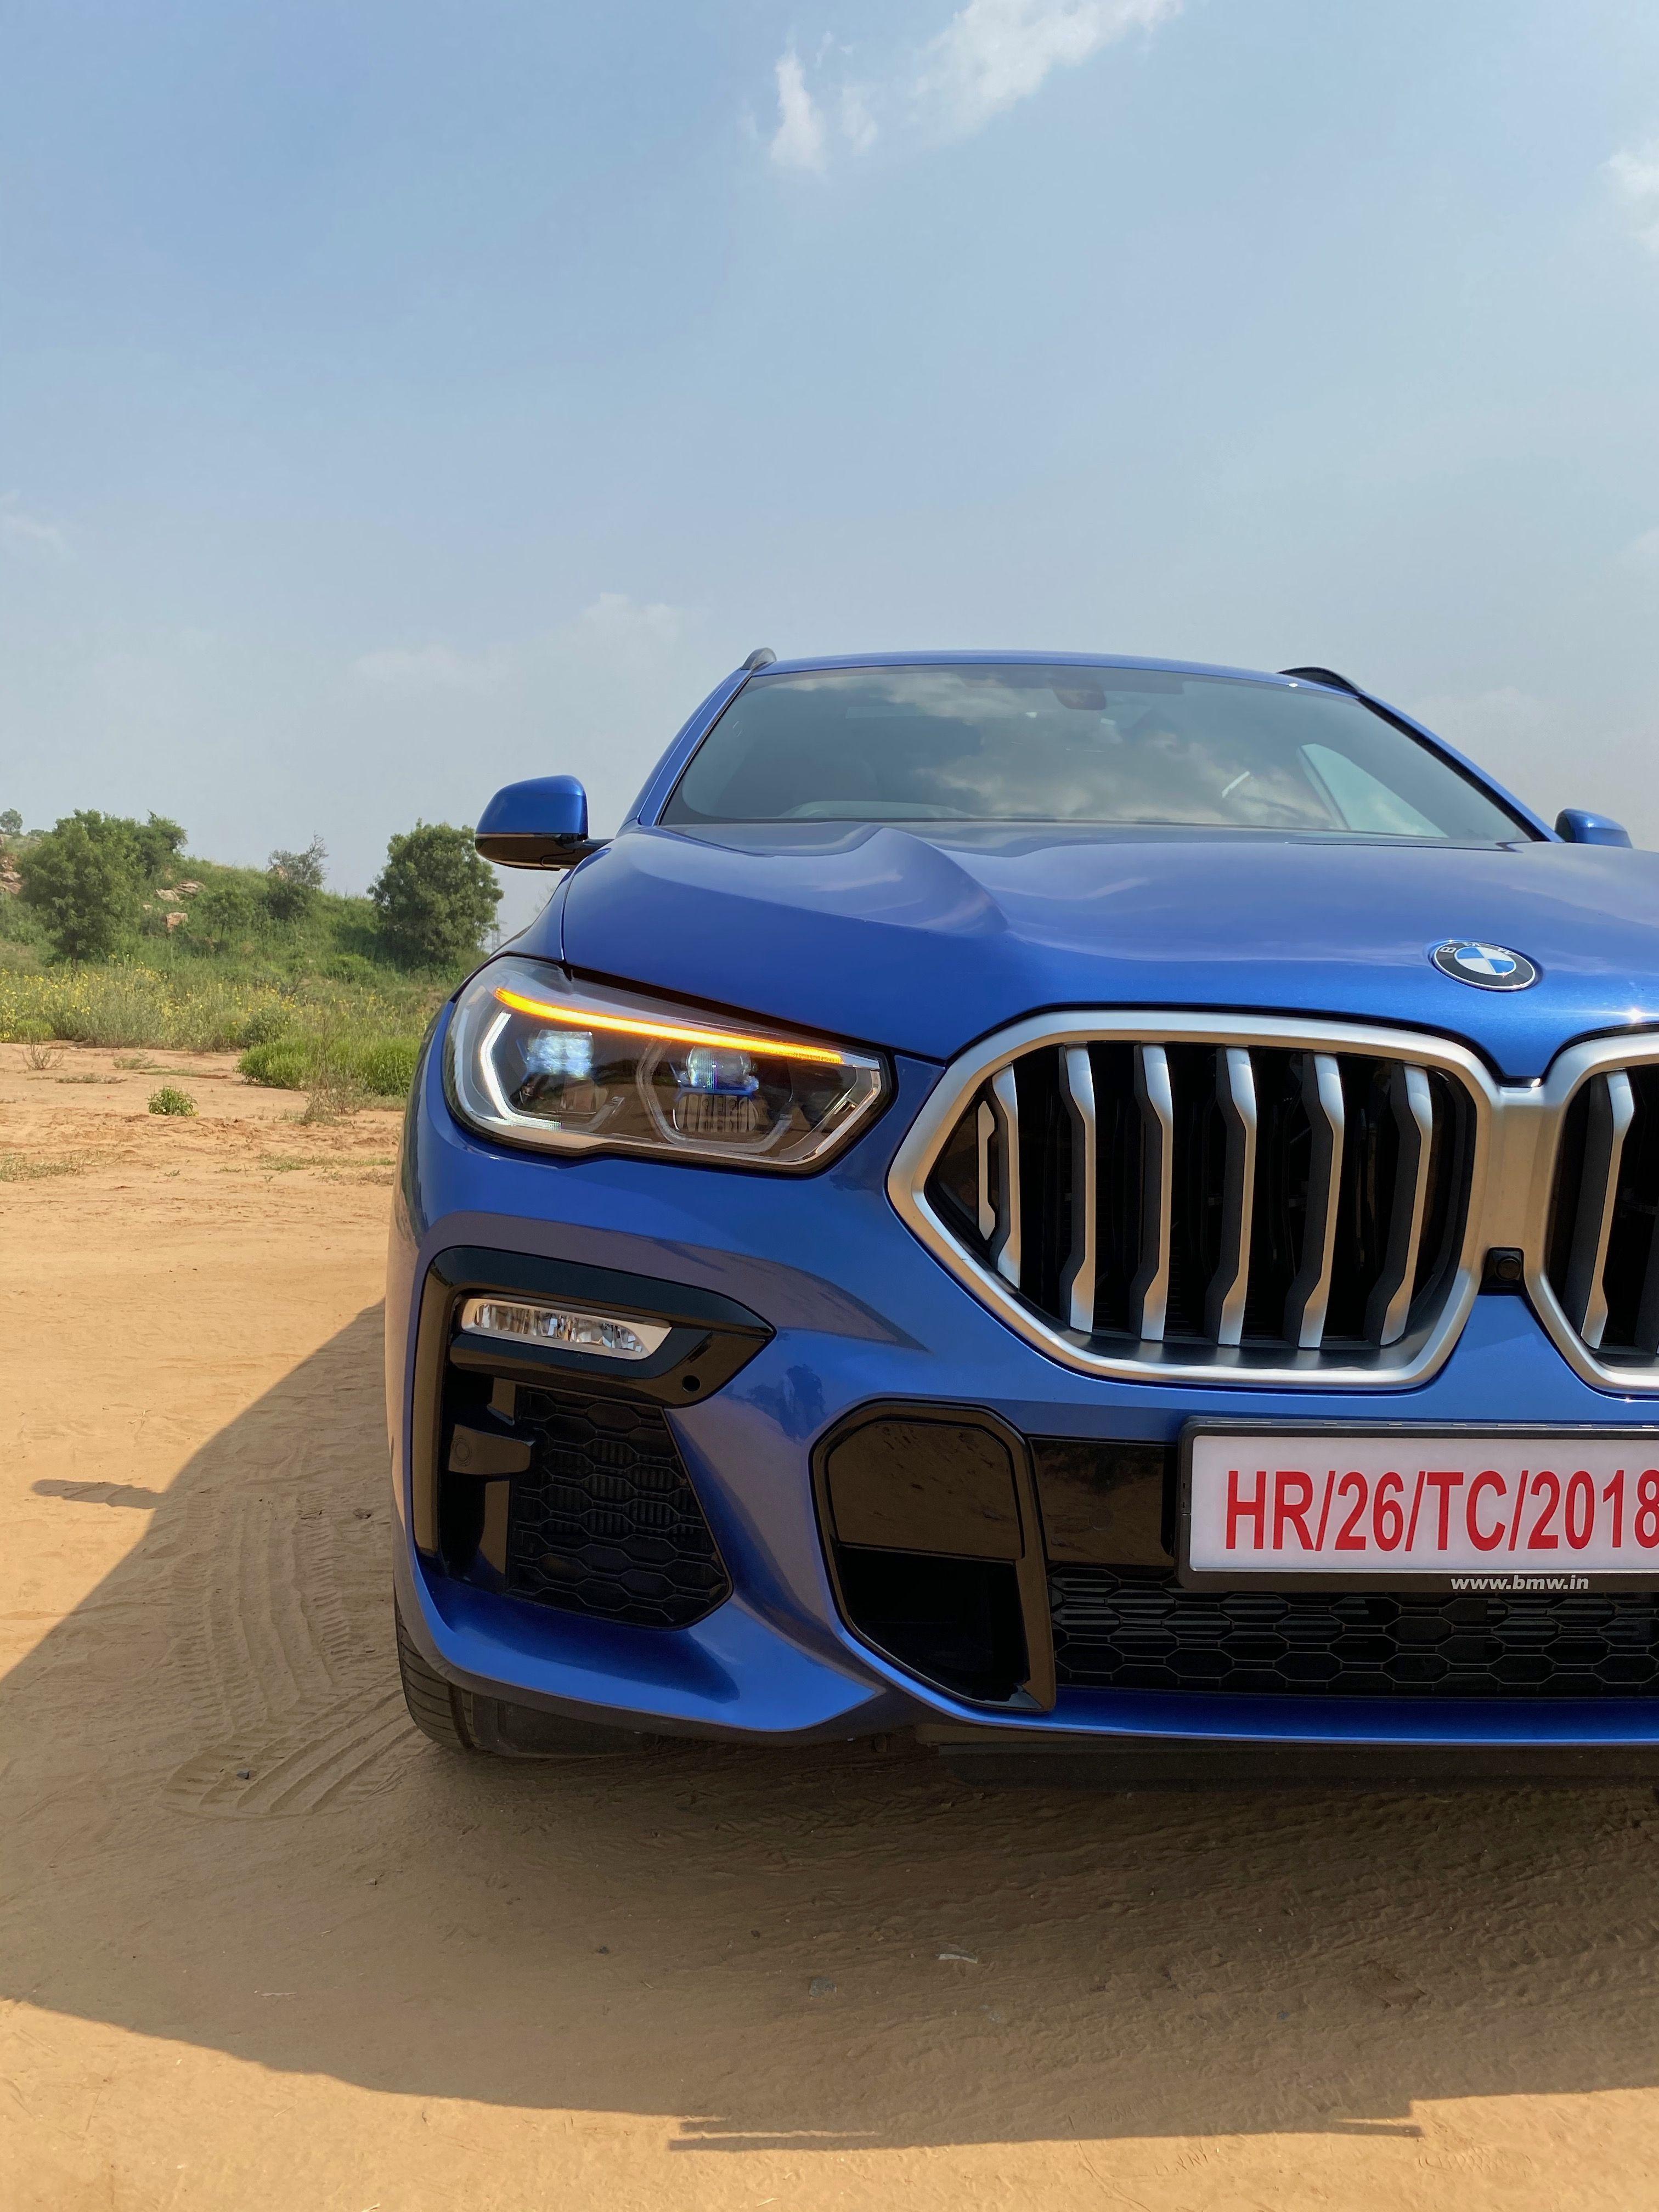 Bmw X6 Xdrive40i M Sport 2020 1 Crore Real Life Review Bmw Bmw X6 Luxury Suv